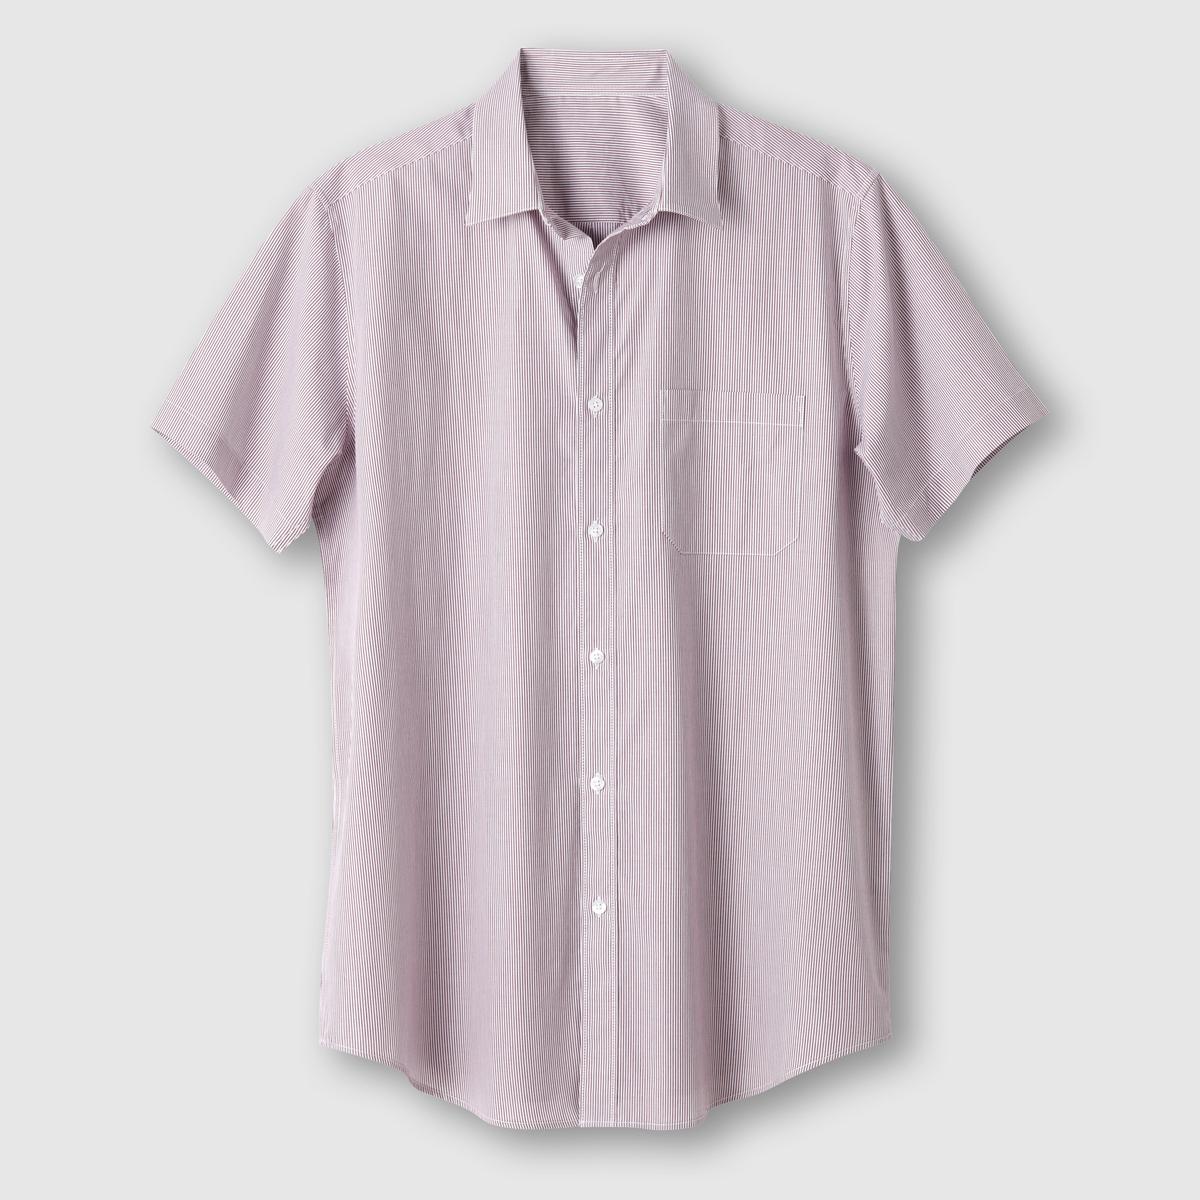 Рубашка с короткими рукавами, рост 1 и 2 (до 1,87 м)Рубашка с короткими рукавами.  Из оригинального поплина в полоску или в клетку с окрашенными волокнами. Воротник со свободными уголками. 1 нагрудный карман. Складка с вешалкой сзади. Слегка закругленный низ.Поплин, 100% хлопок. Рост 1 и 2 (при росте 1,87 м) :  длина рубашки 85 см, длина рукава 24 см.<br><br>Цвет: в клетку серый/синий,в полоску бордовый/белый<br>Размер: 41/42.51/52.47/48